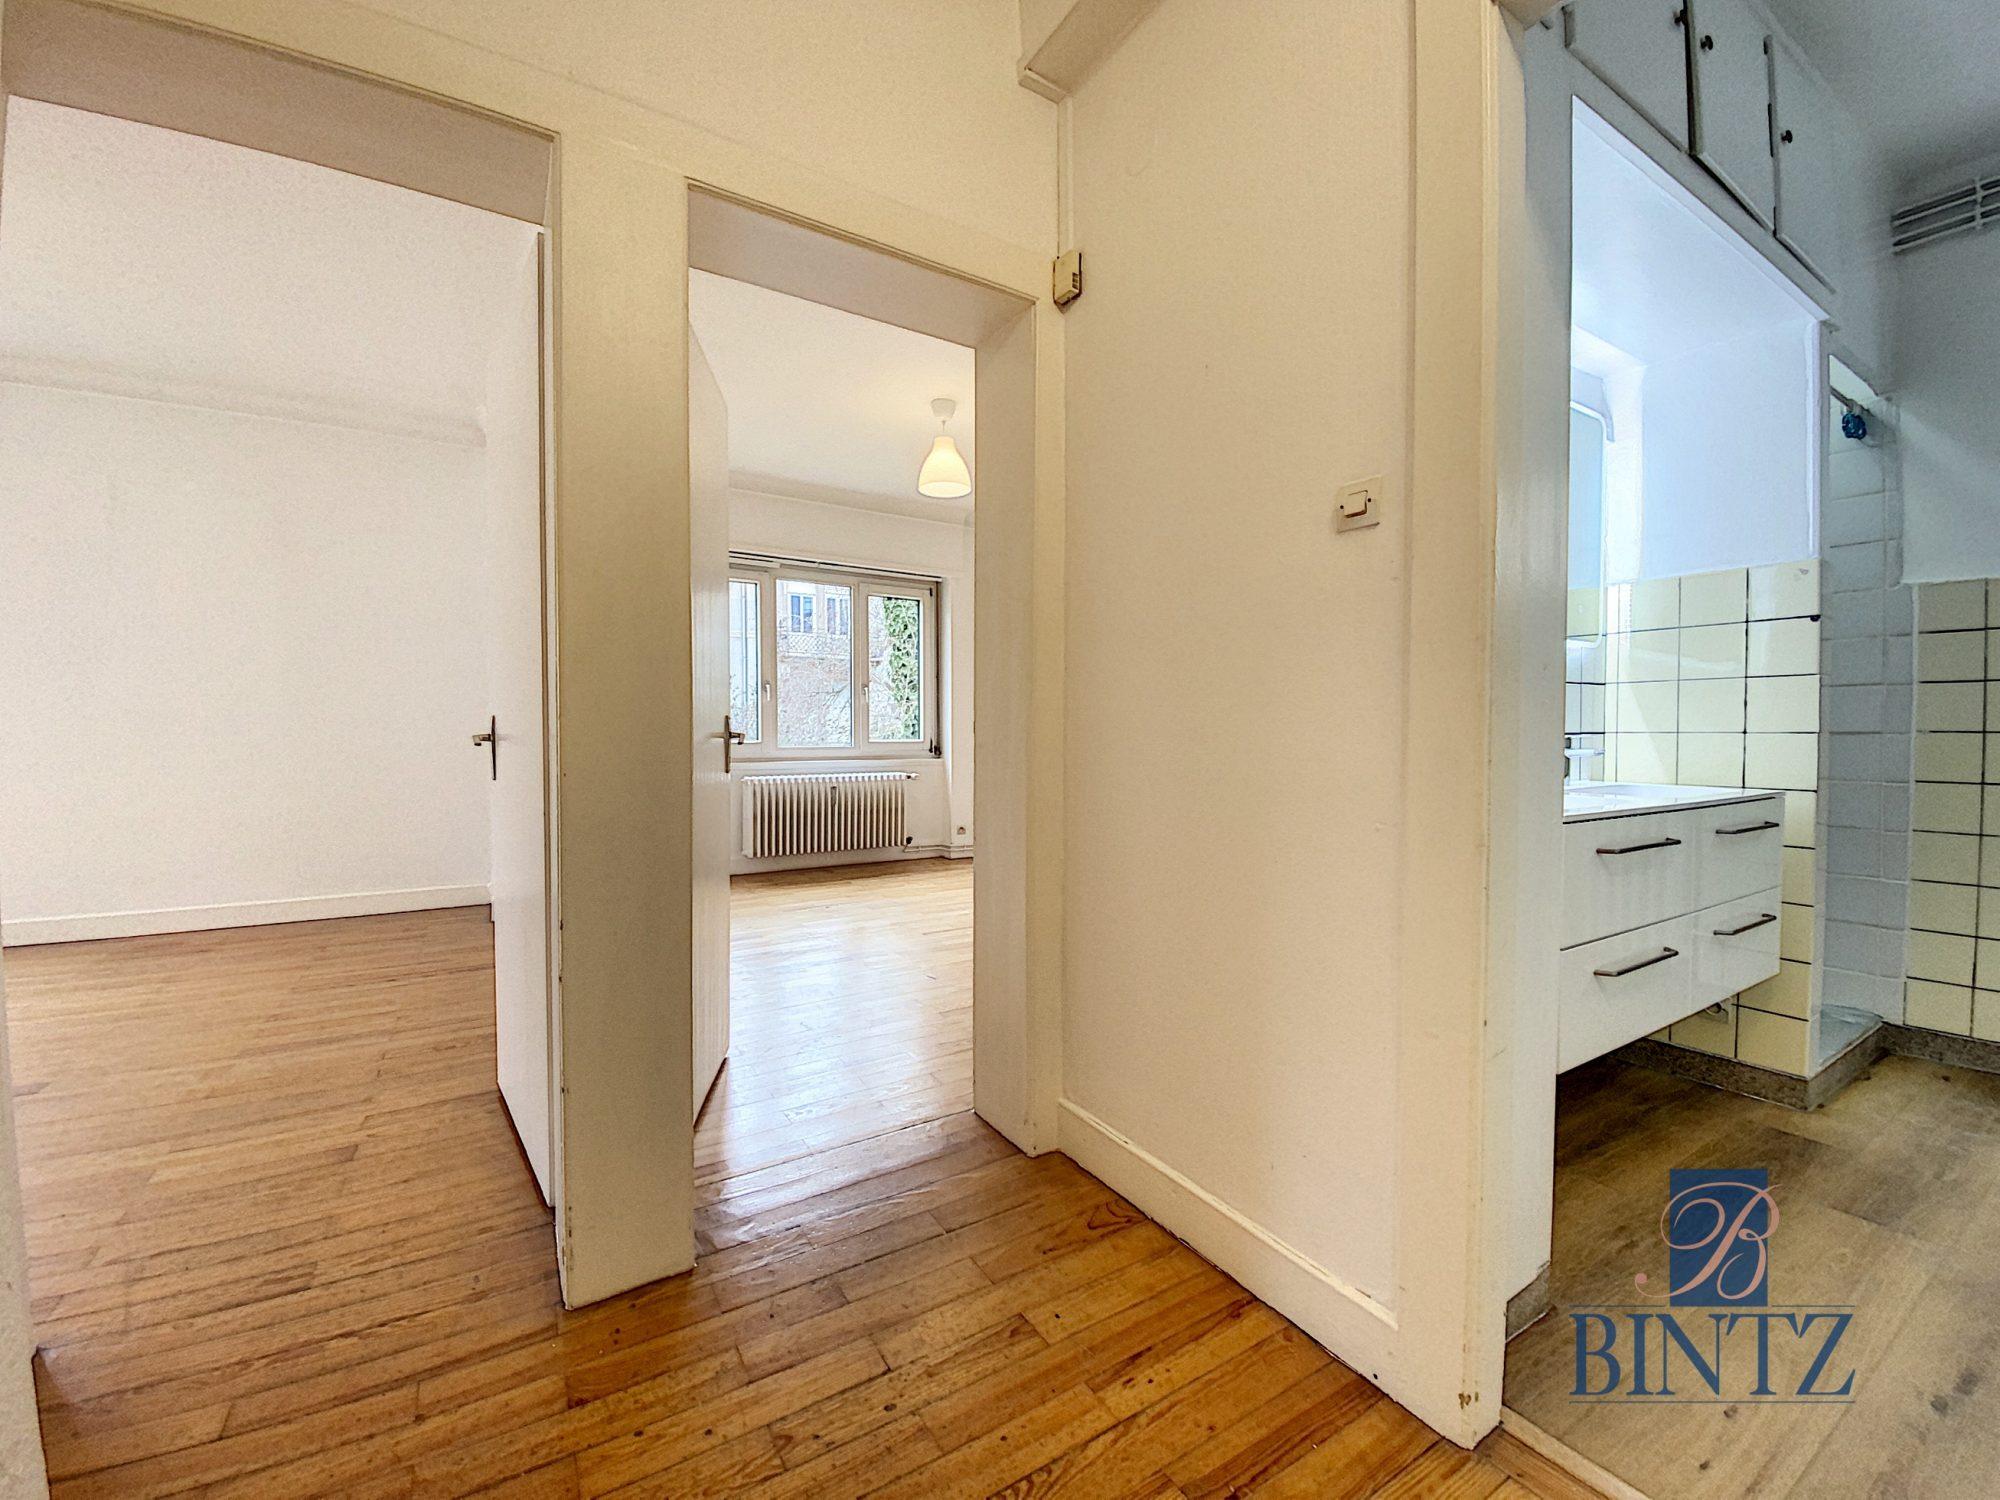 3P avec terrasse orangerie - Devenez locataire en toute sérénité - Bintz Immobilier - 18